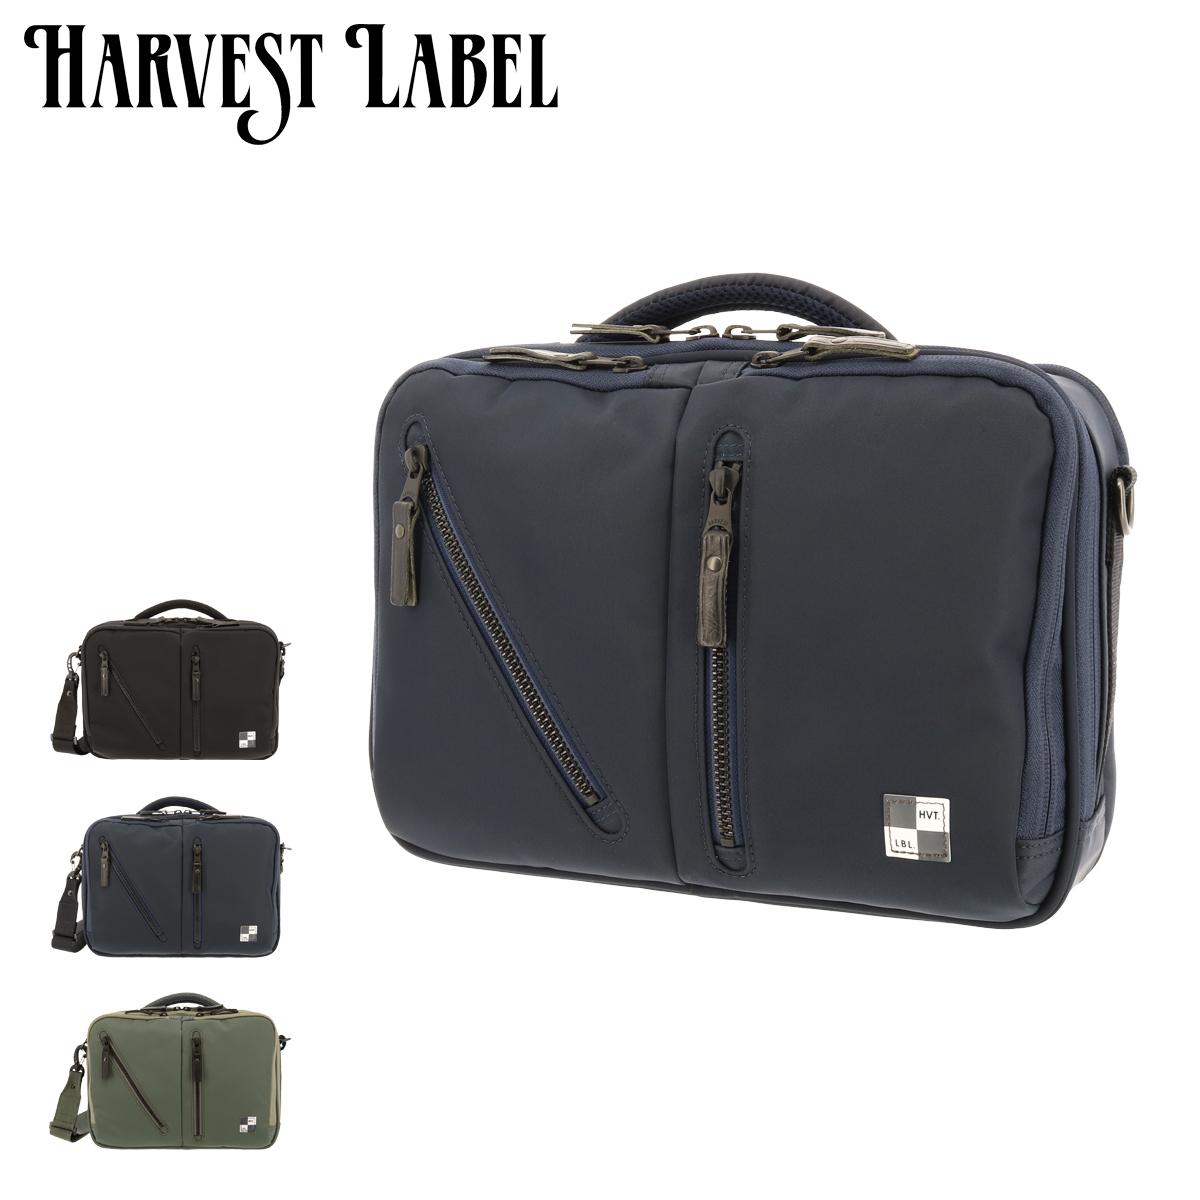 ハーヴェストレーベル ブリーフケース 2WAY B5 ビジネスライン メンズ HO-0271 日本製 HARVEST LABEL | ドライビングトート ショルダーバッグ[即日発送][PO10]